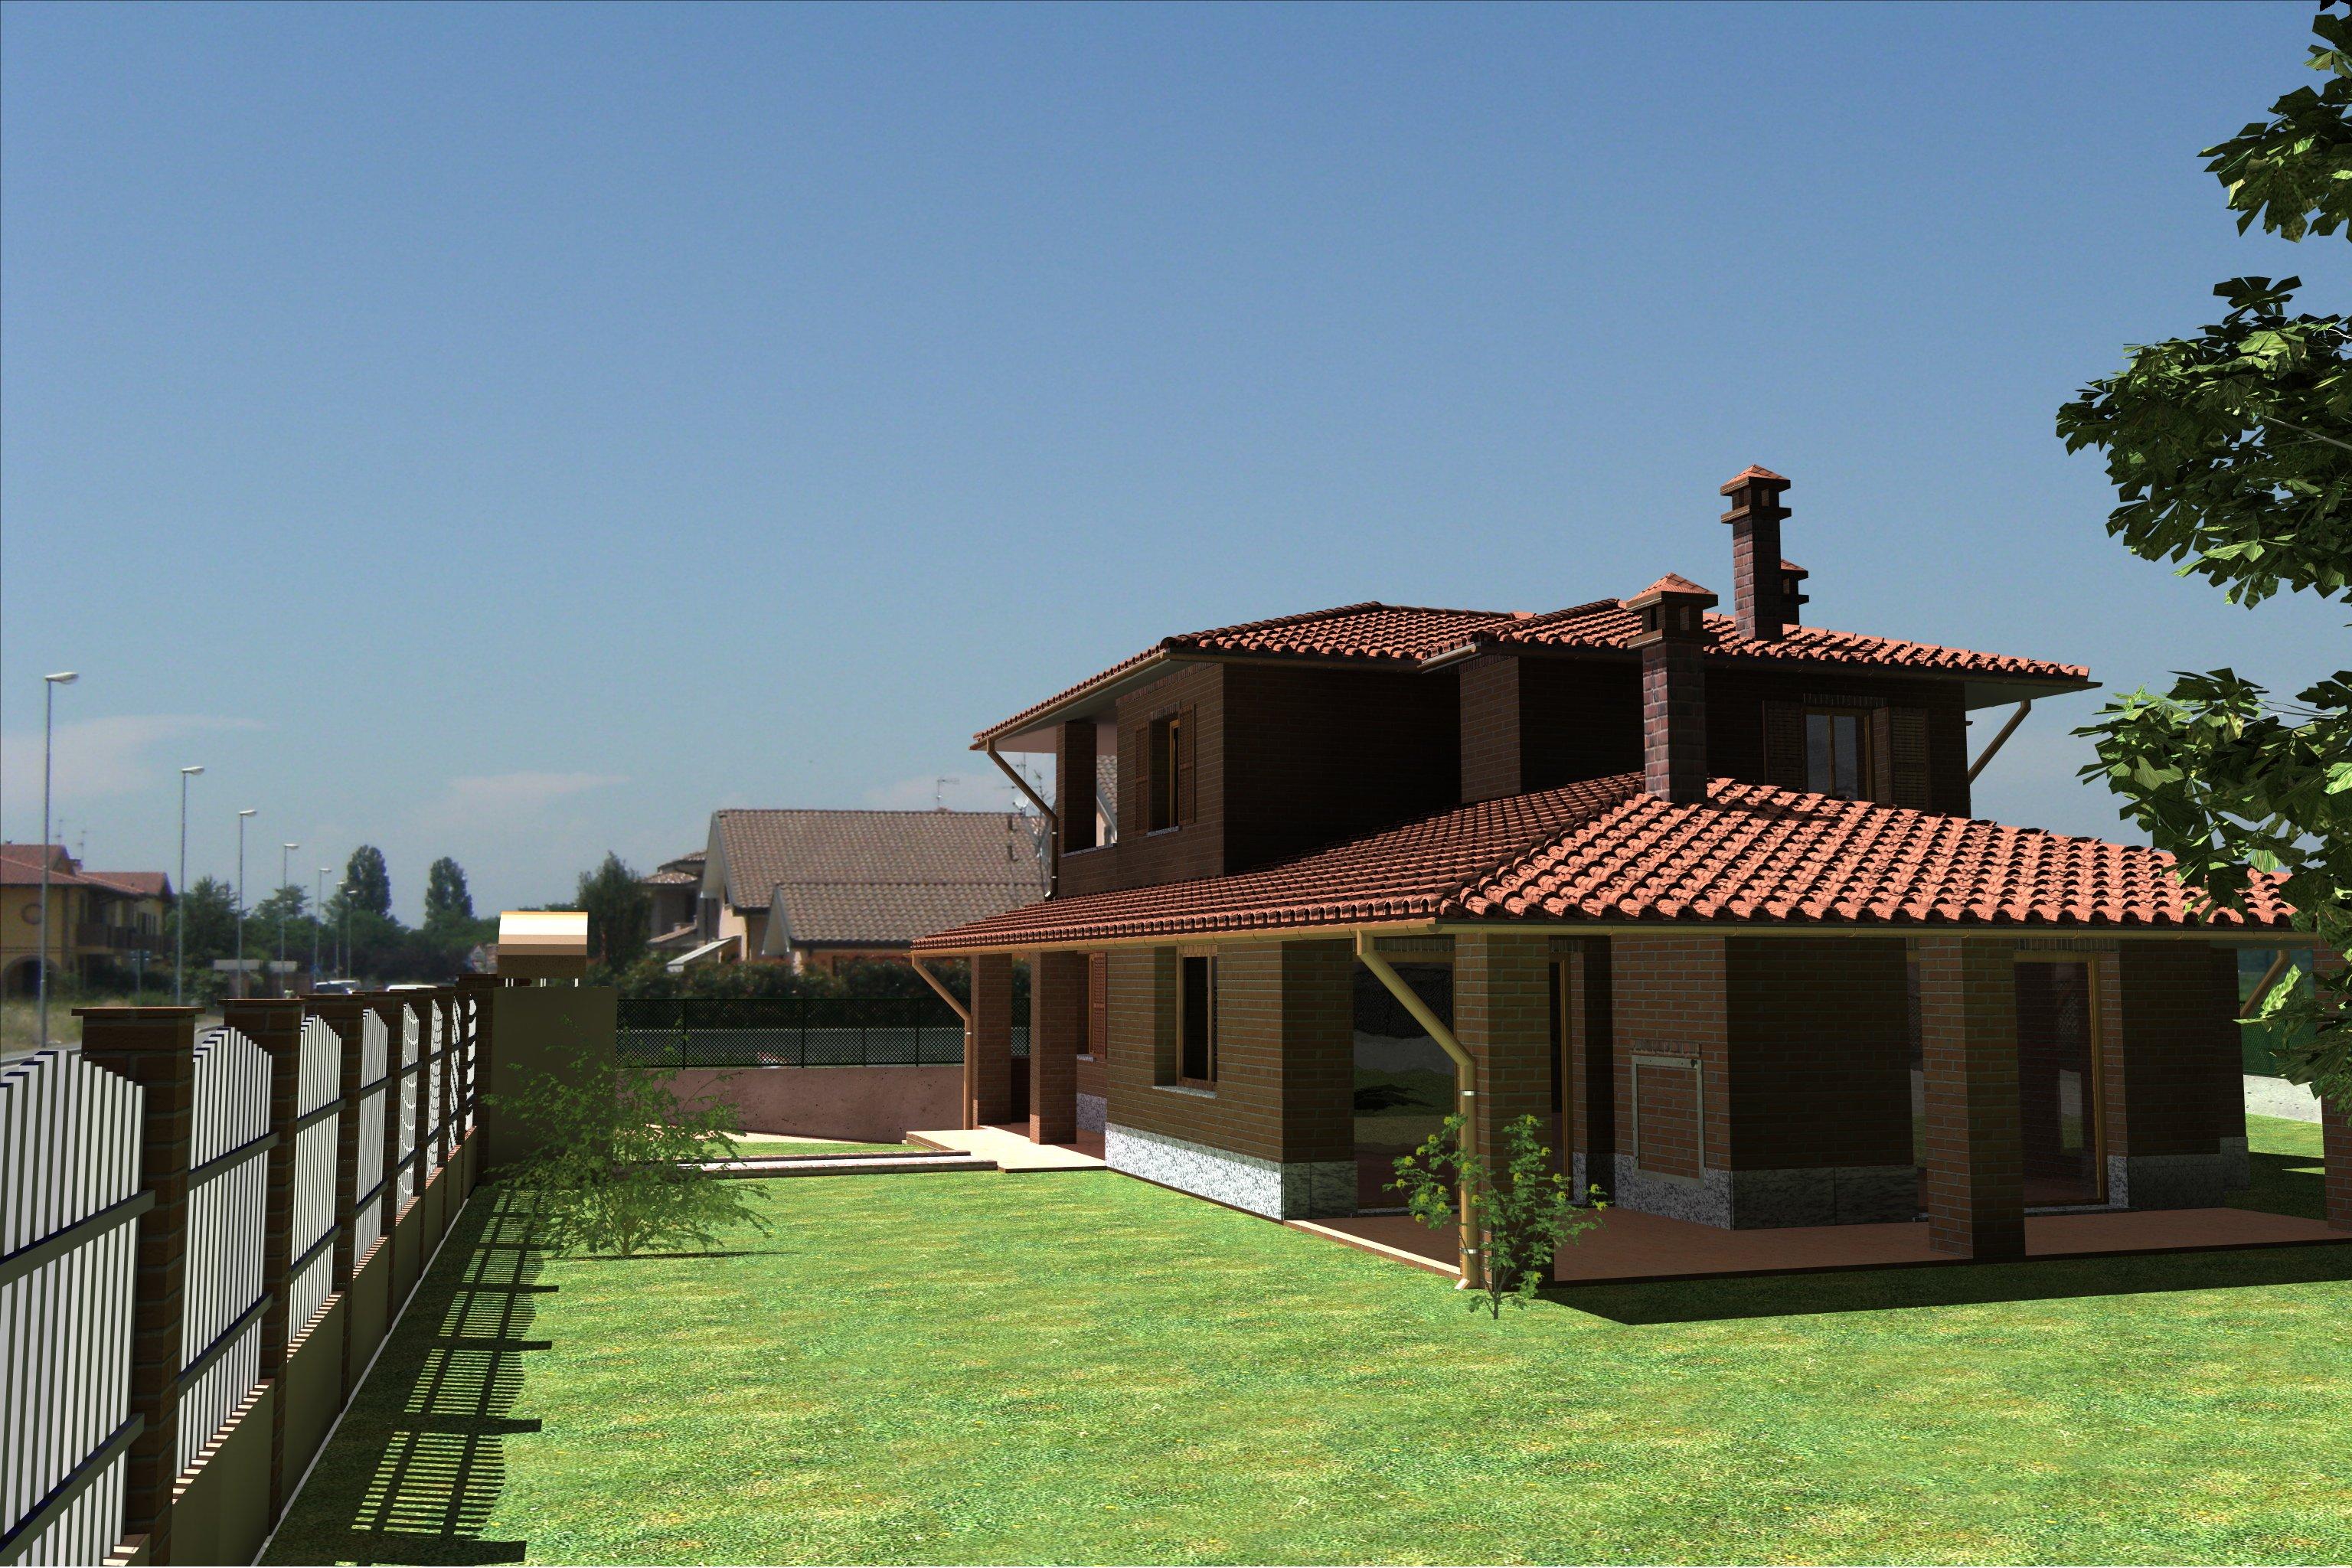 Modello 3D di una villetta con cortile